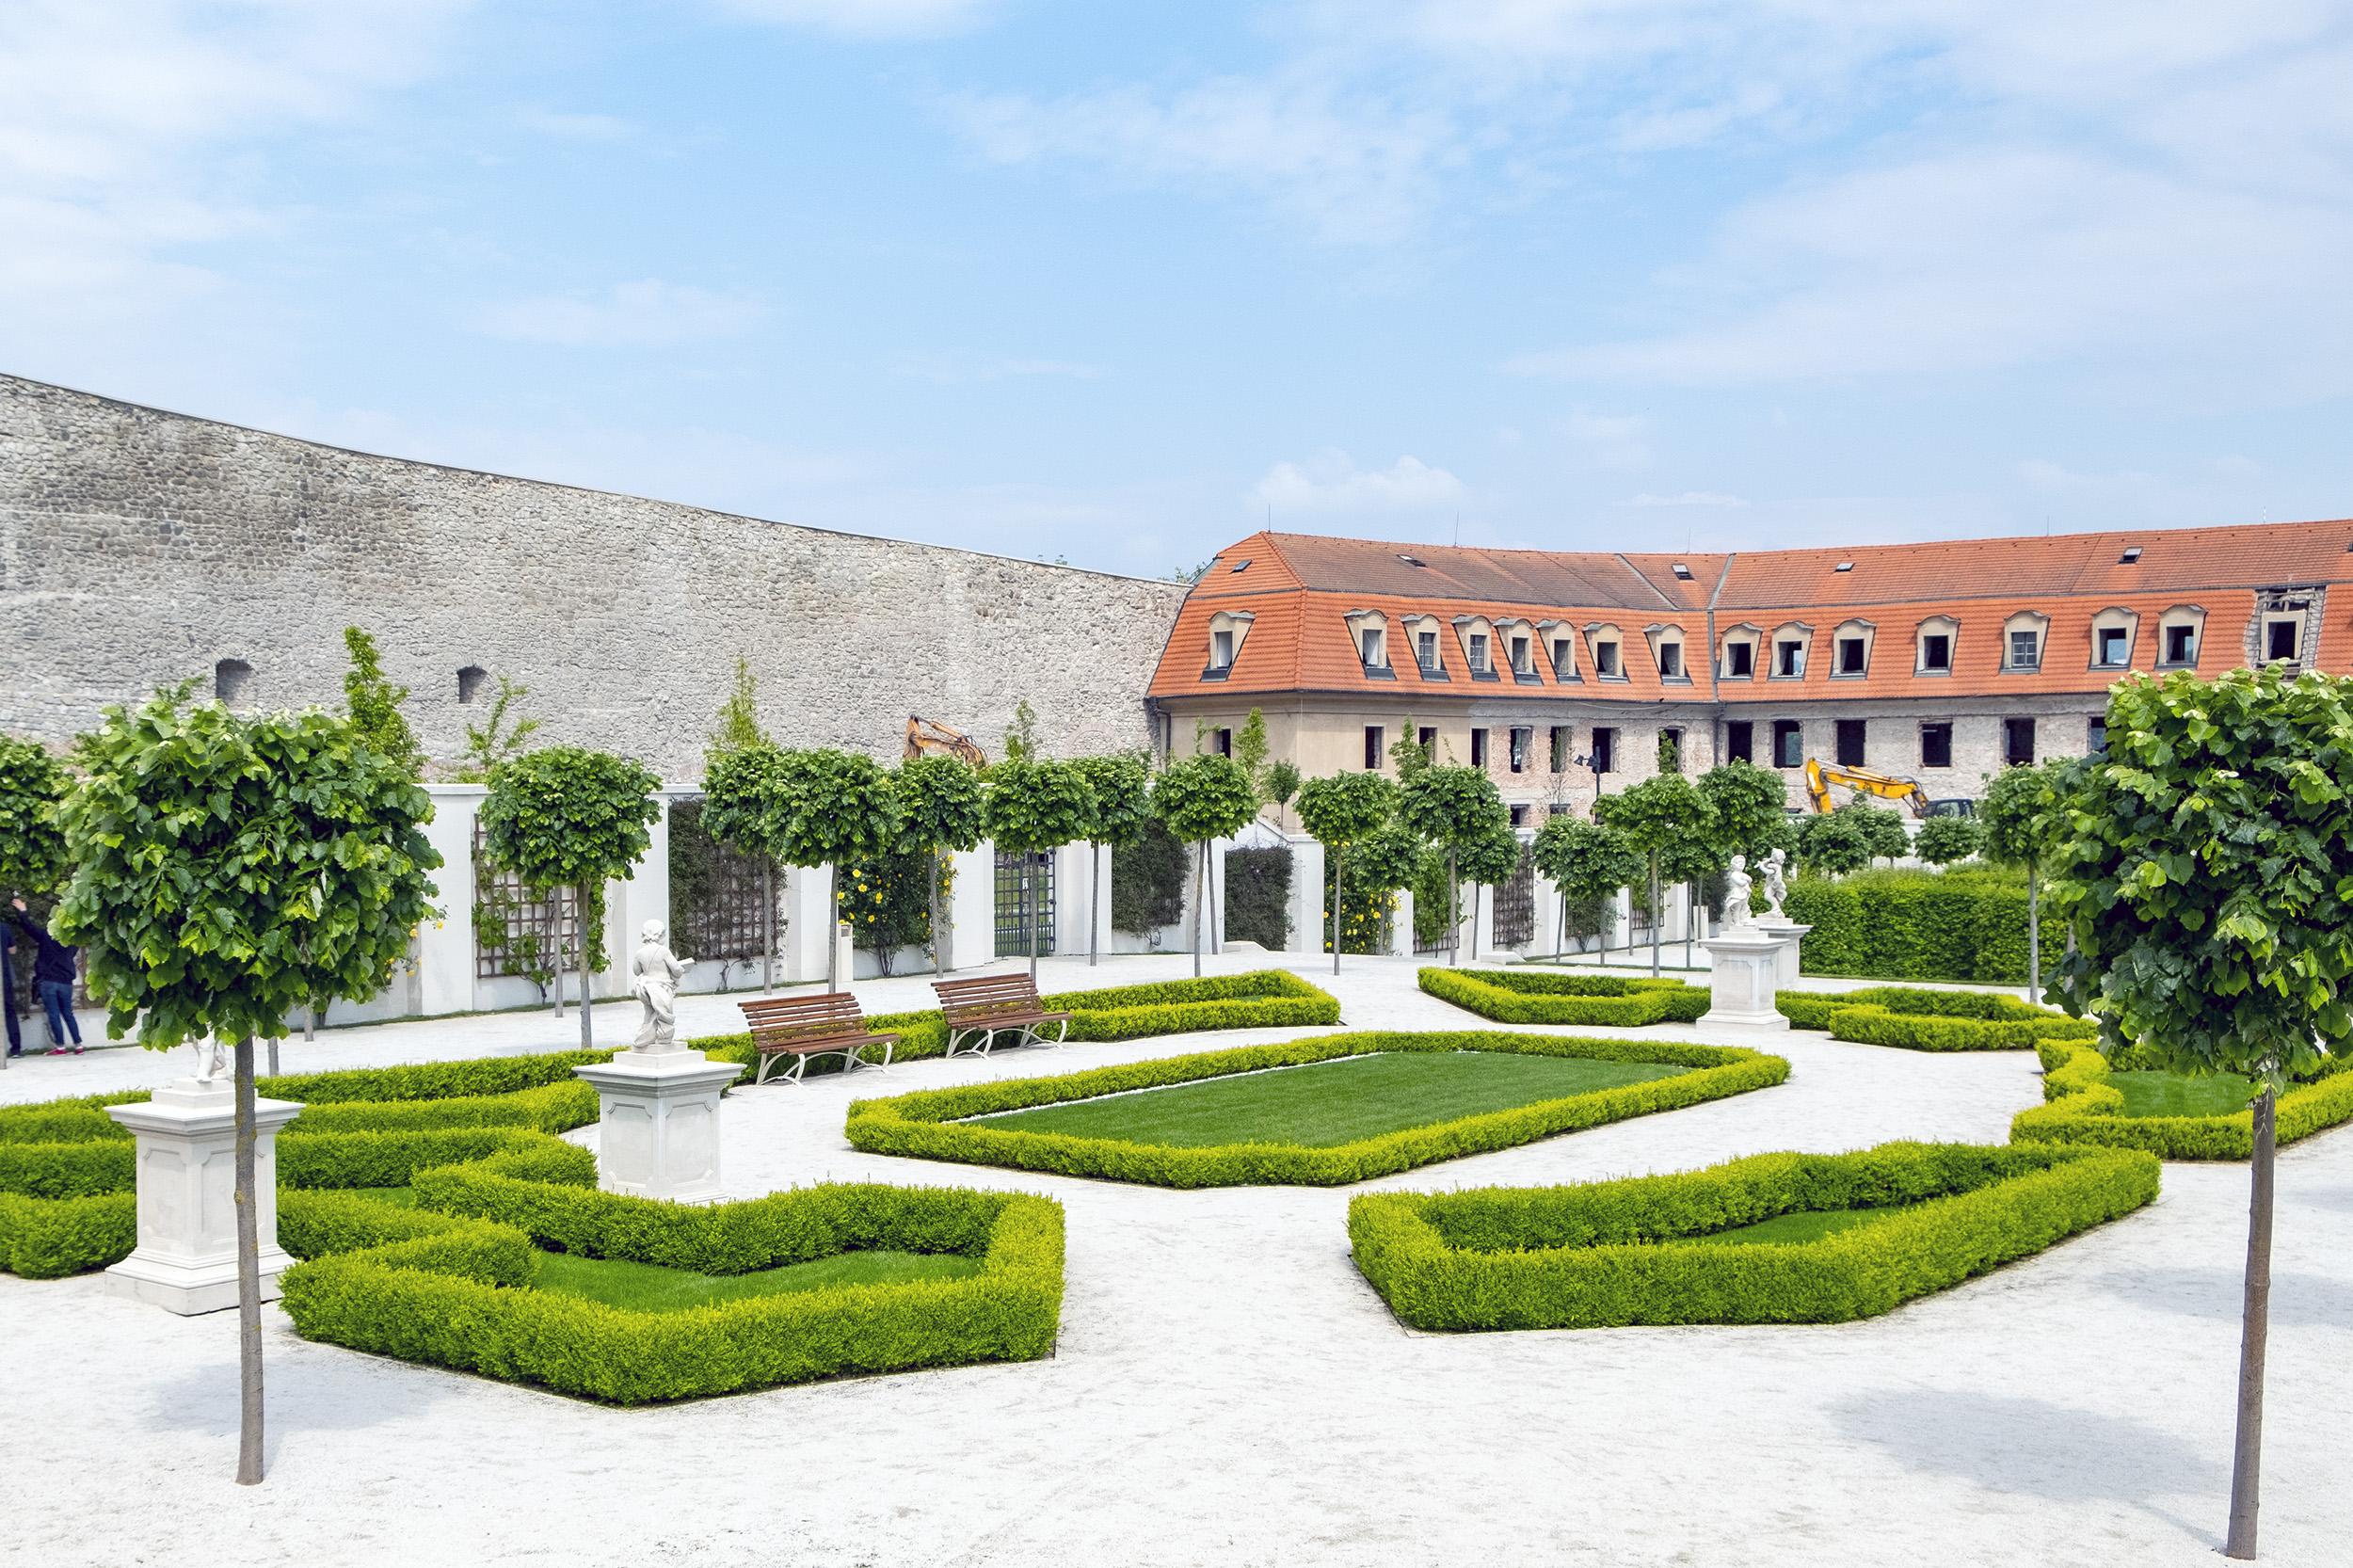 Slottet i Bratislava Trädgård Park